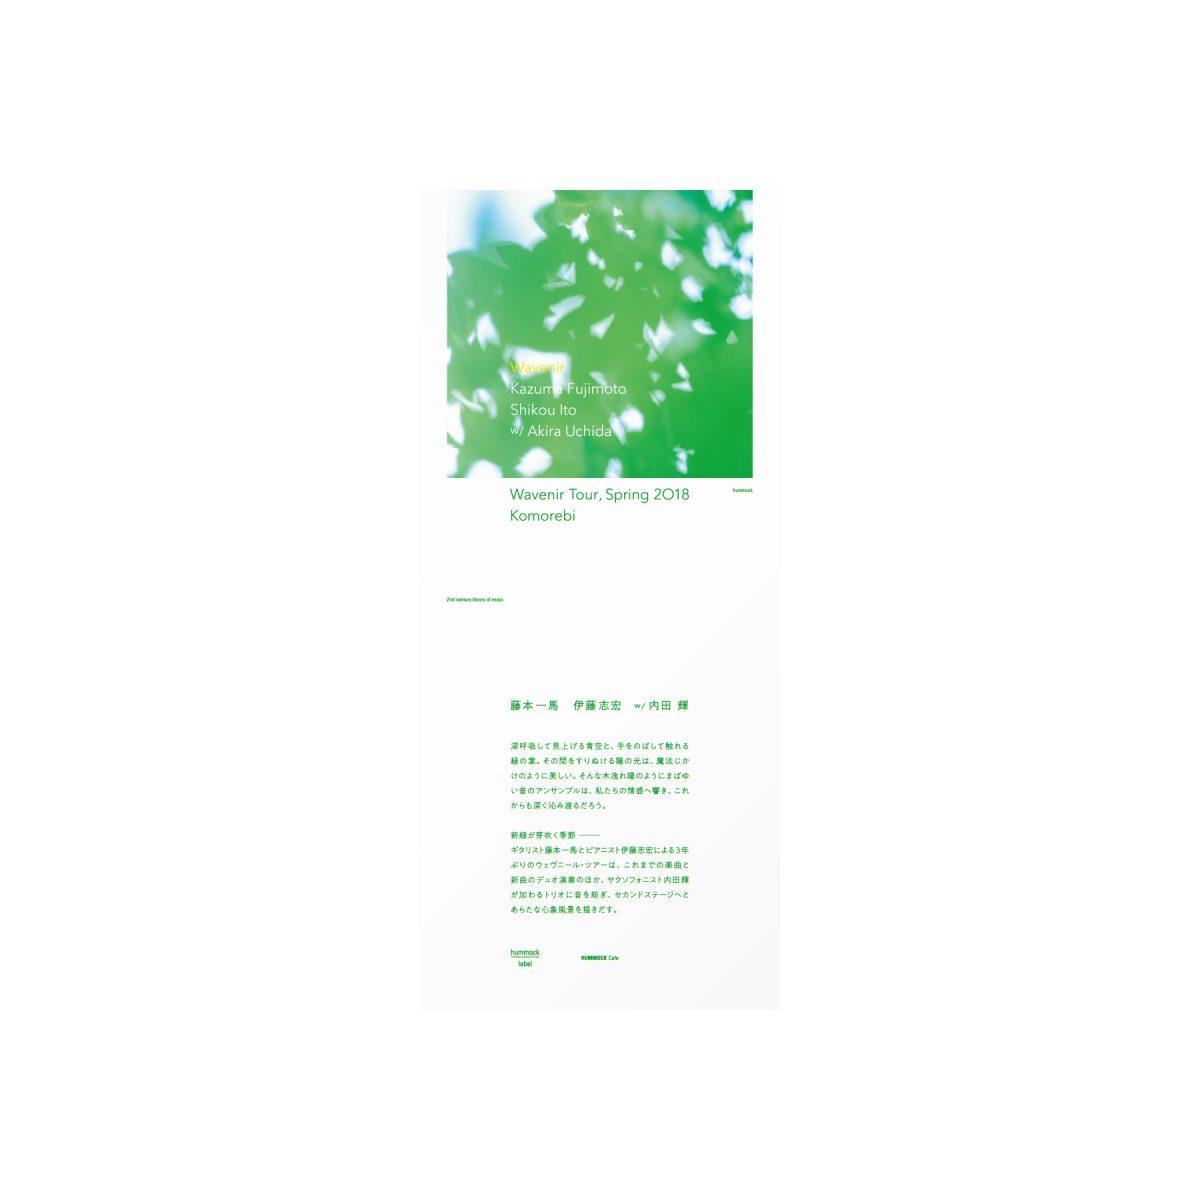 Wavenir Tour, Spring 2O18 Komorebi | Kazuma Fujimoto - Shikou Ito -  w/ Akira Uchida